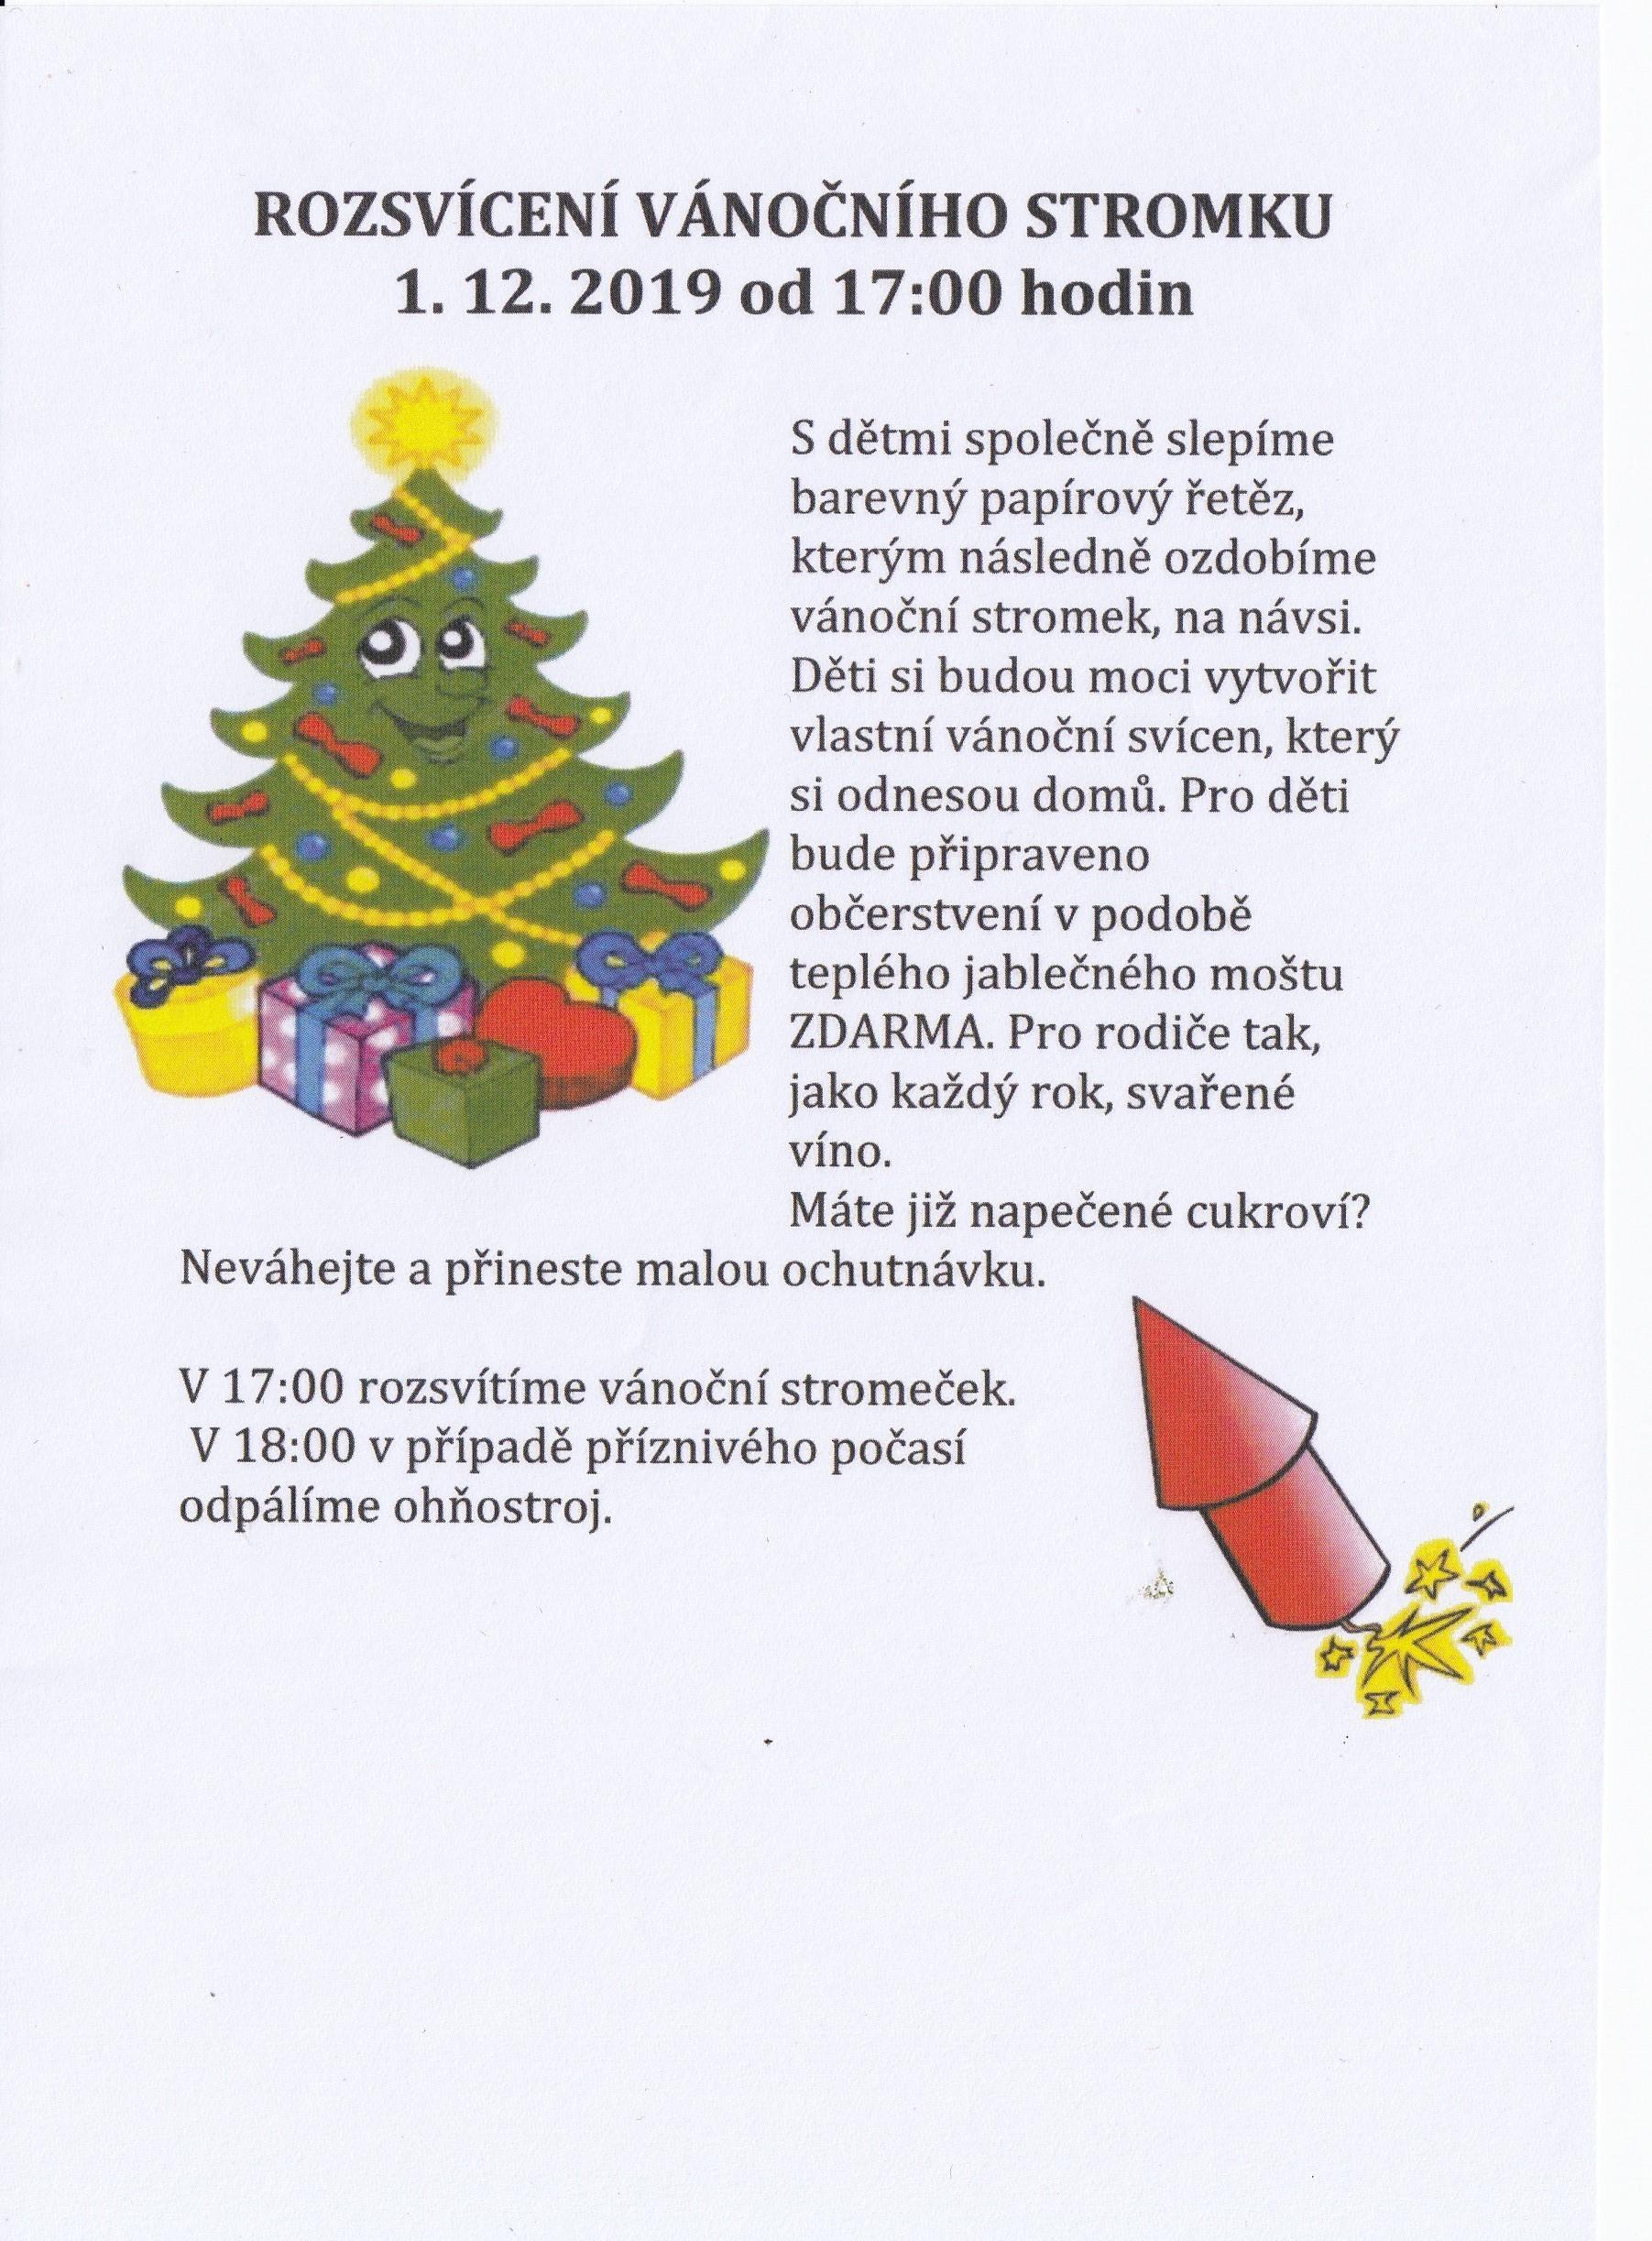 Rozsvícení vánočního stromku 01.12.2019 od 17:00 hod na návsi